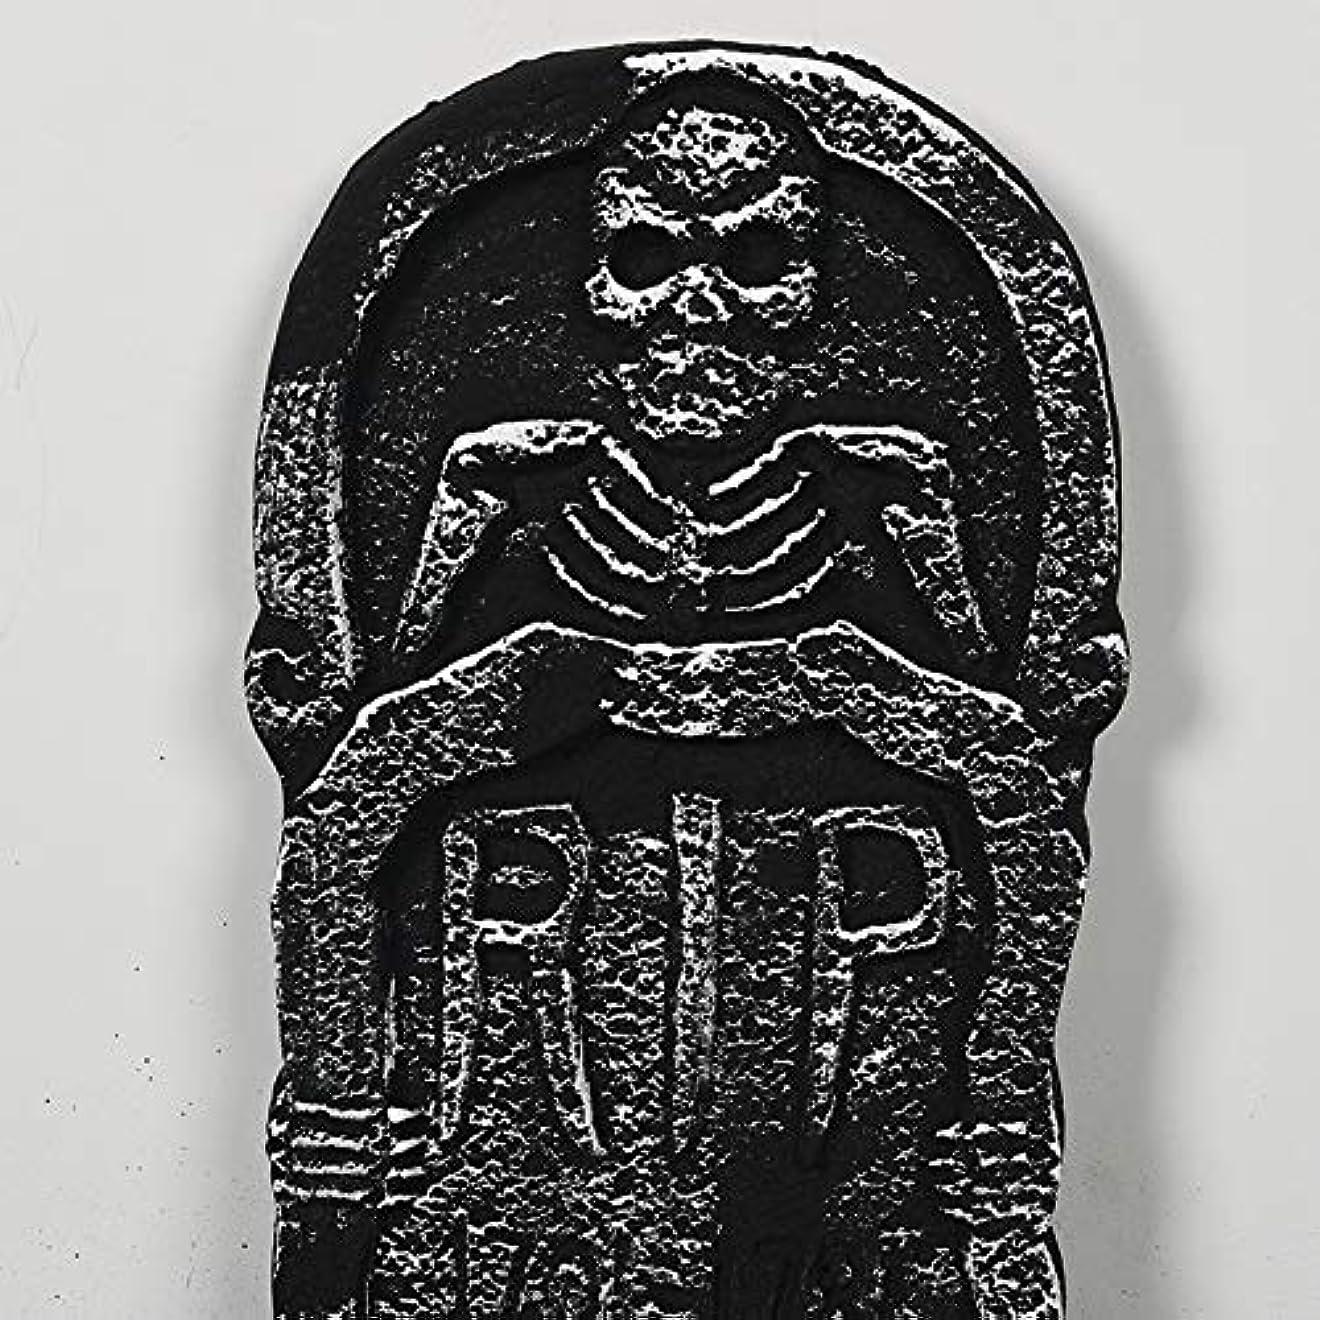 興奮懲戒背の高いETRRUU HOME 4ピース三次元墓石ハロウィーン装飾バーお化け屋敷の秘密の部屋怖い装飾パーティー雰囲気レイアウト小道具